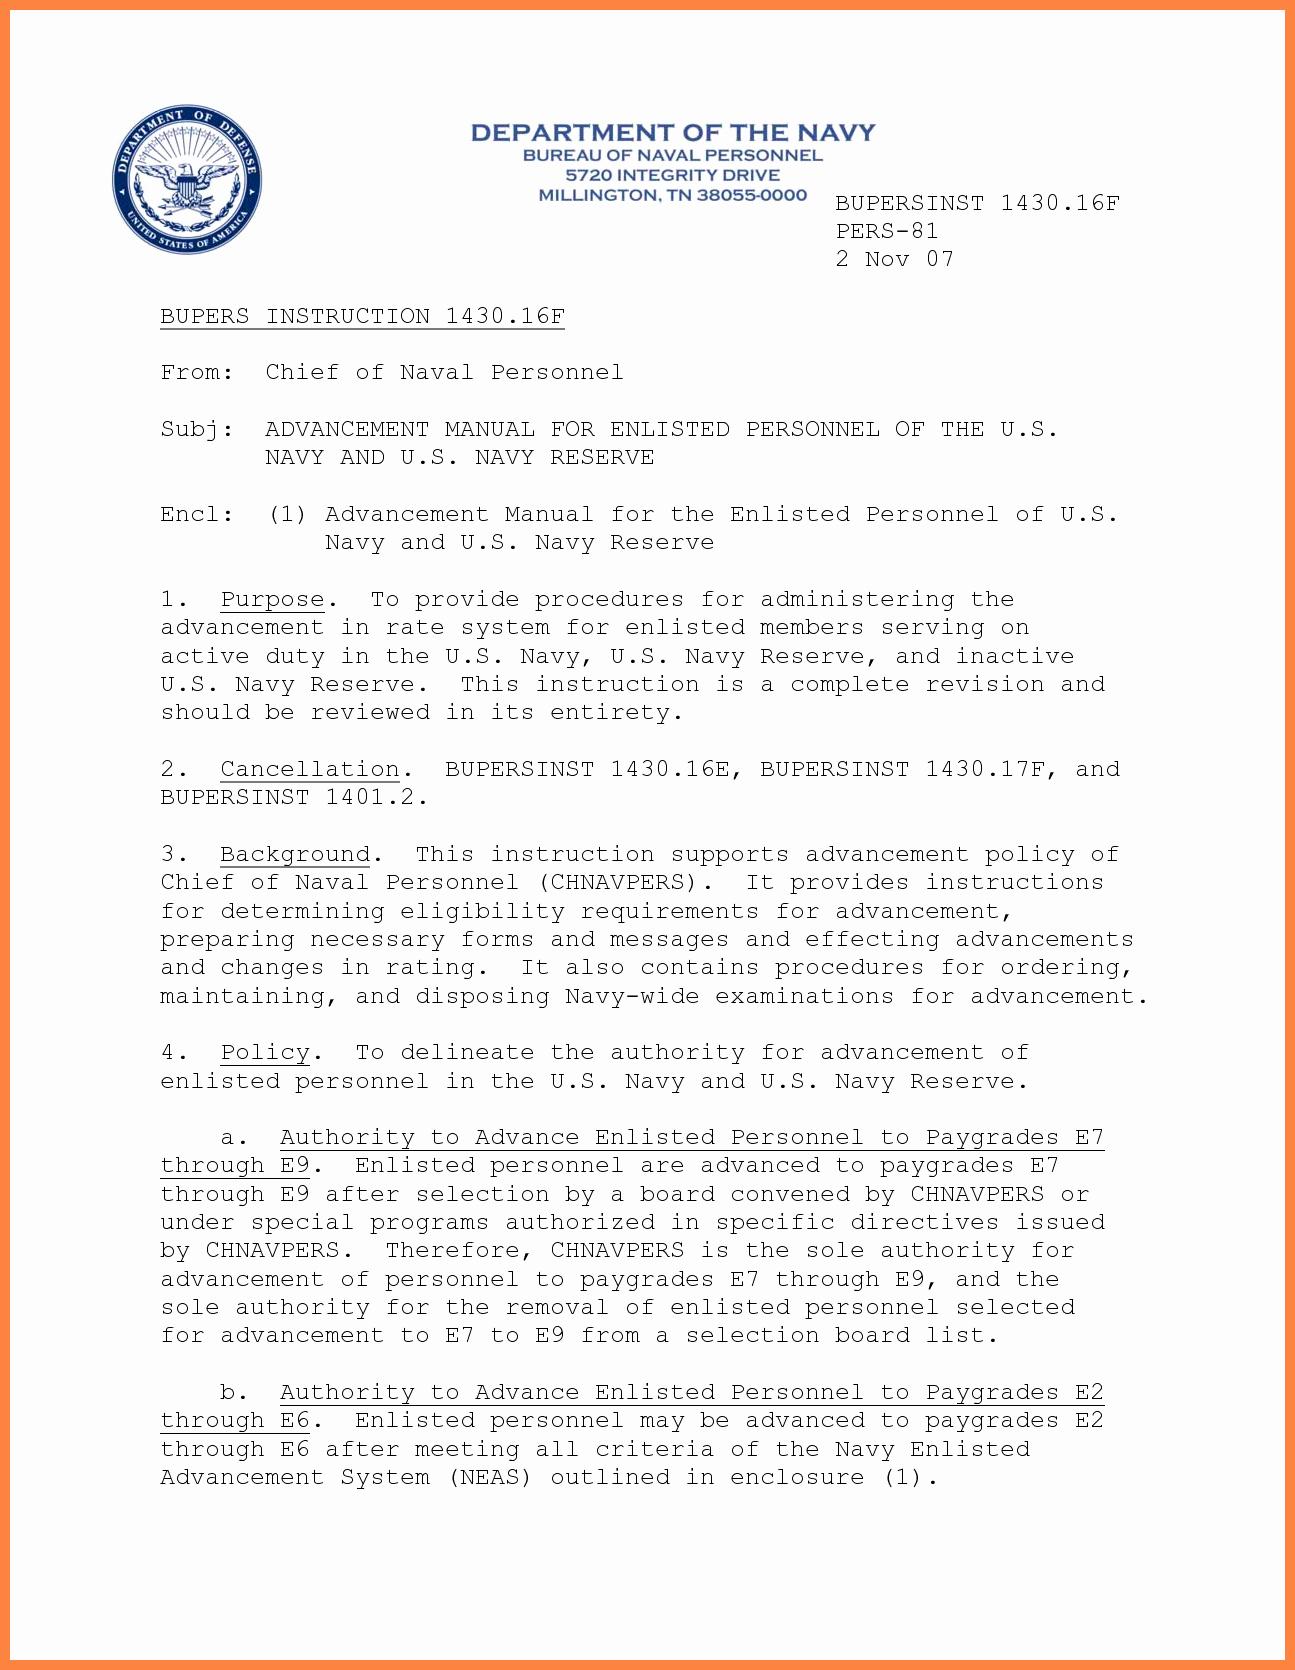 Standard Naval Letter format Template Lovely 7 Navy Letterhead Template